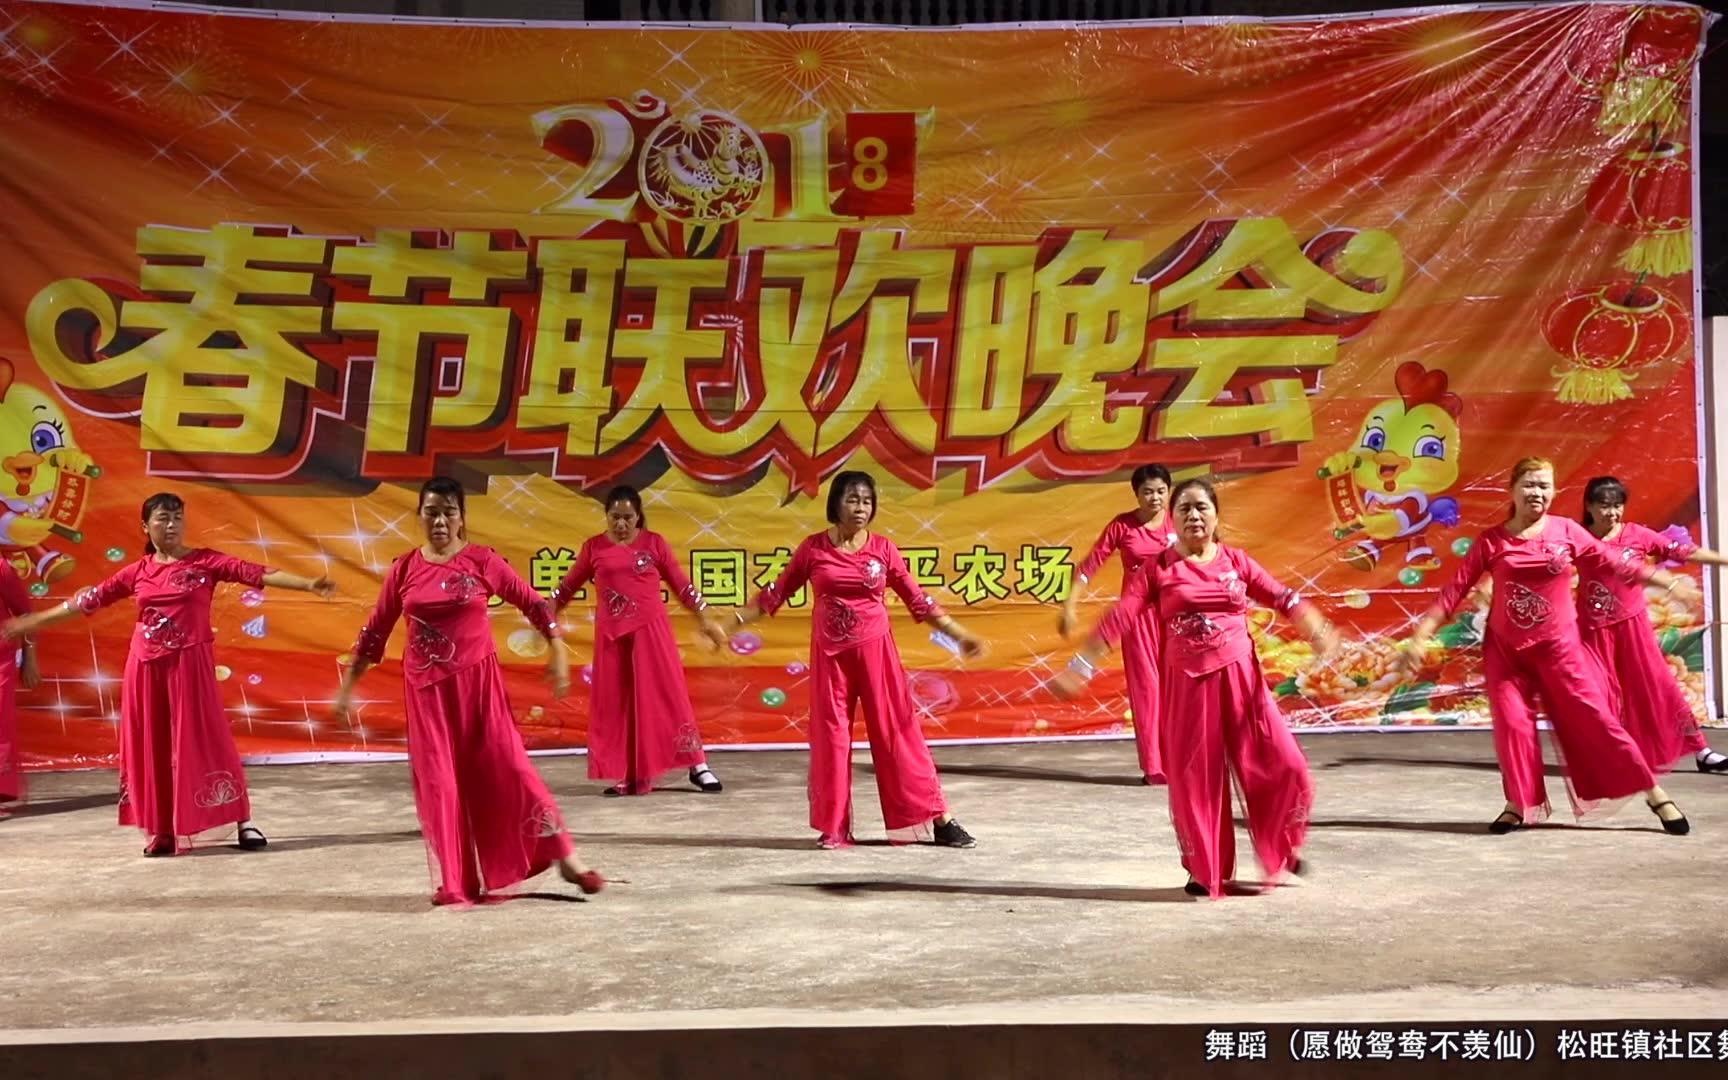 舞蹈(愿做鸳鸯不羡仙)松旺镇社区舞蹈队